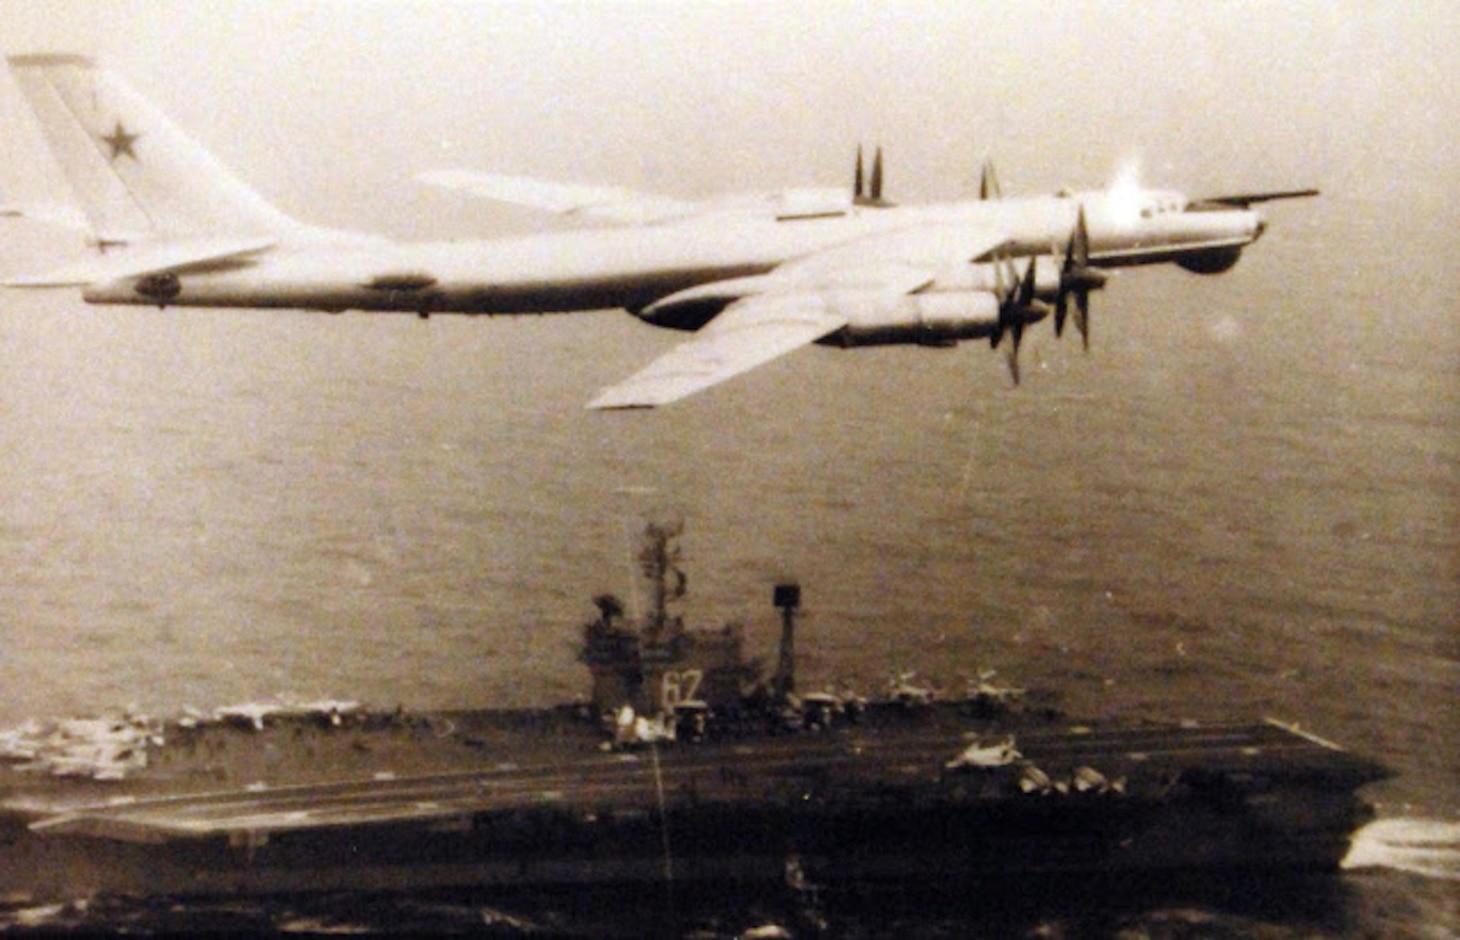 191212-N-ZV259-1839.jpg